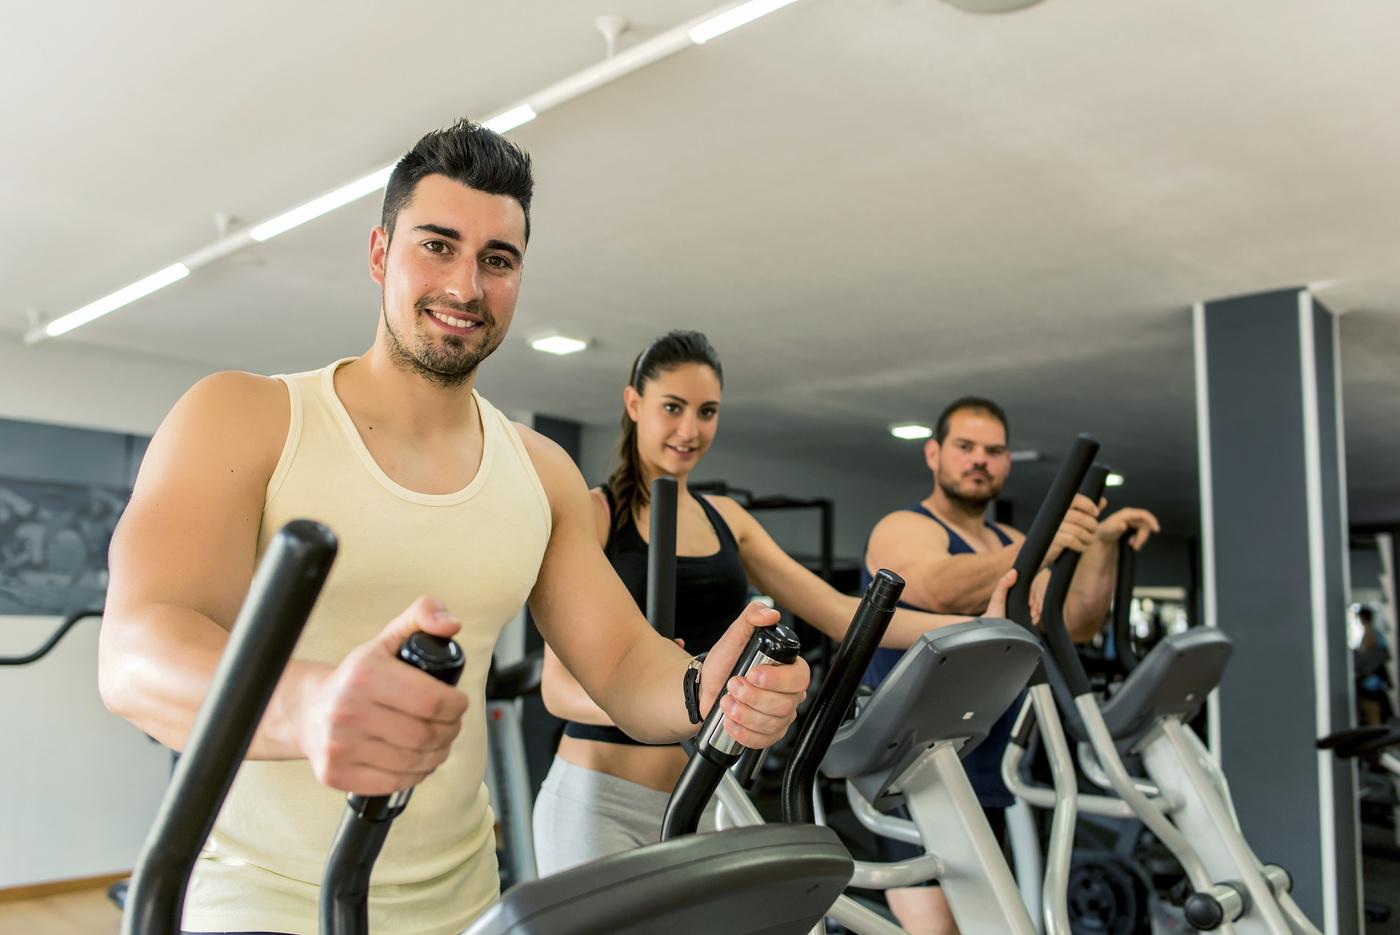 クロストレーナーおすすめ12選|自宅で有酸素運動!【脂肪燃焼を】 | マイナビおすすめナビ